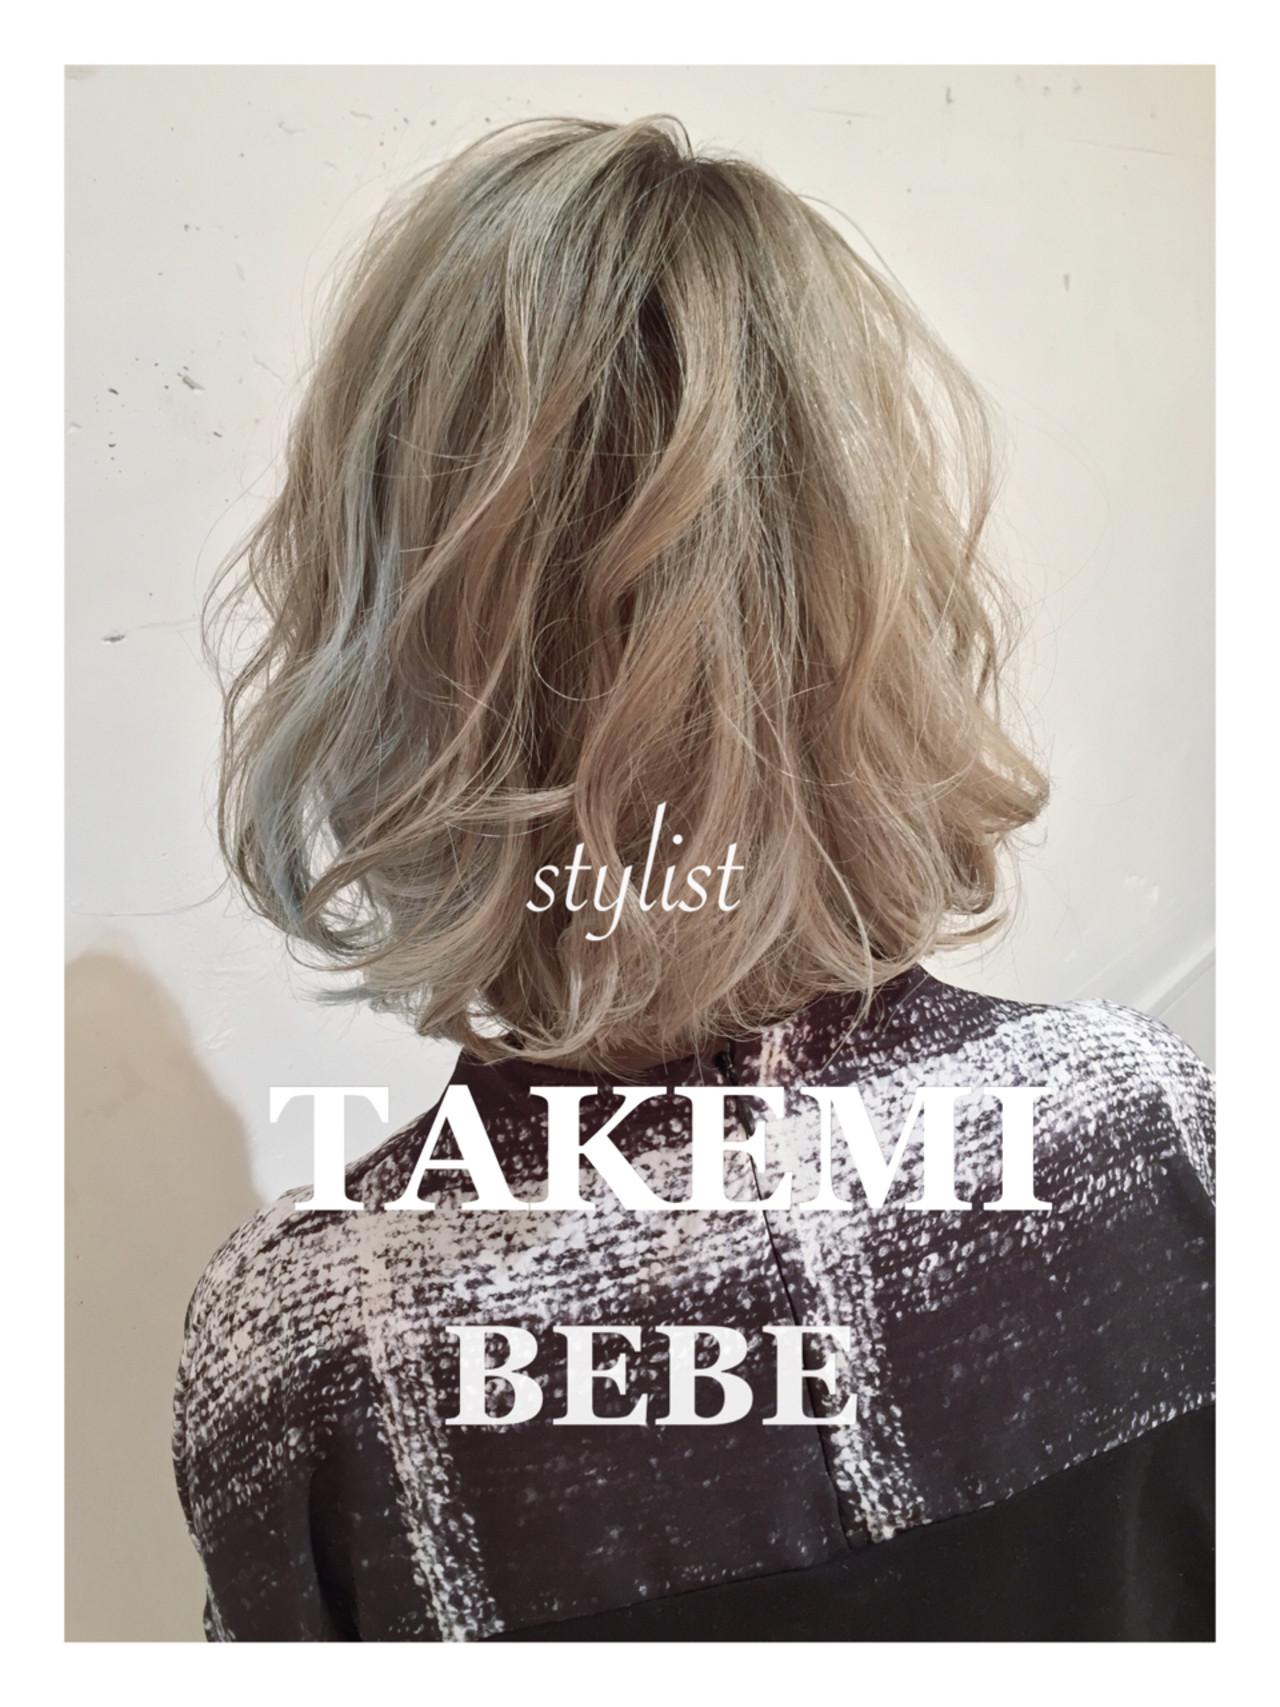 ボブ 外国人風 ハイライト アッシュ ヘアスタイルや髪型の写真・画像